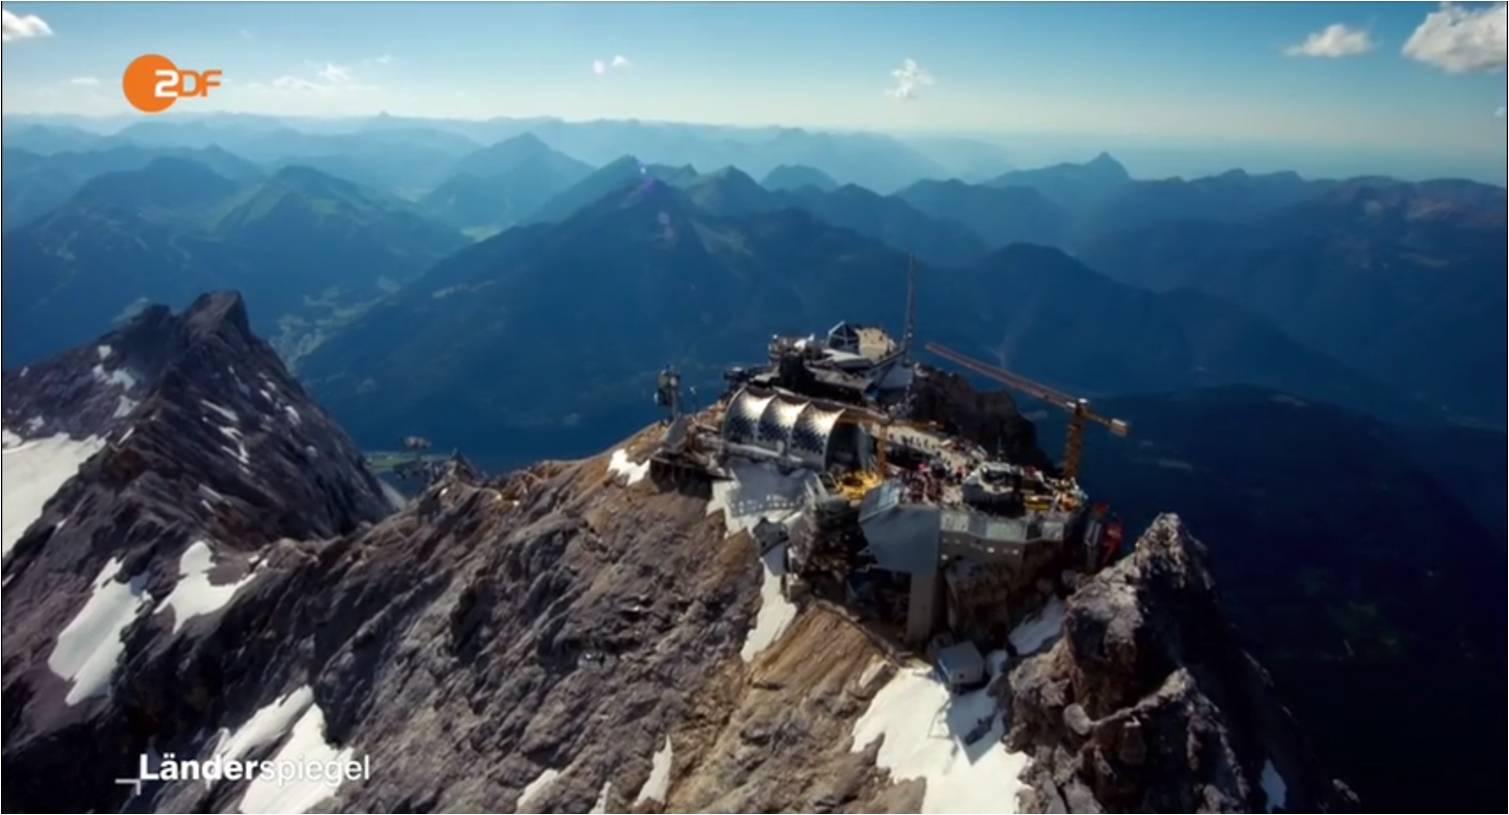 Aerovista erstellt Luftaufnahmen der Baustelle auf der Zugspitze für ZDF-Dokumentation